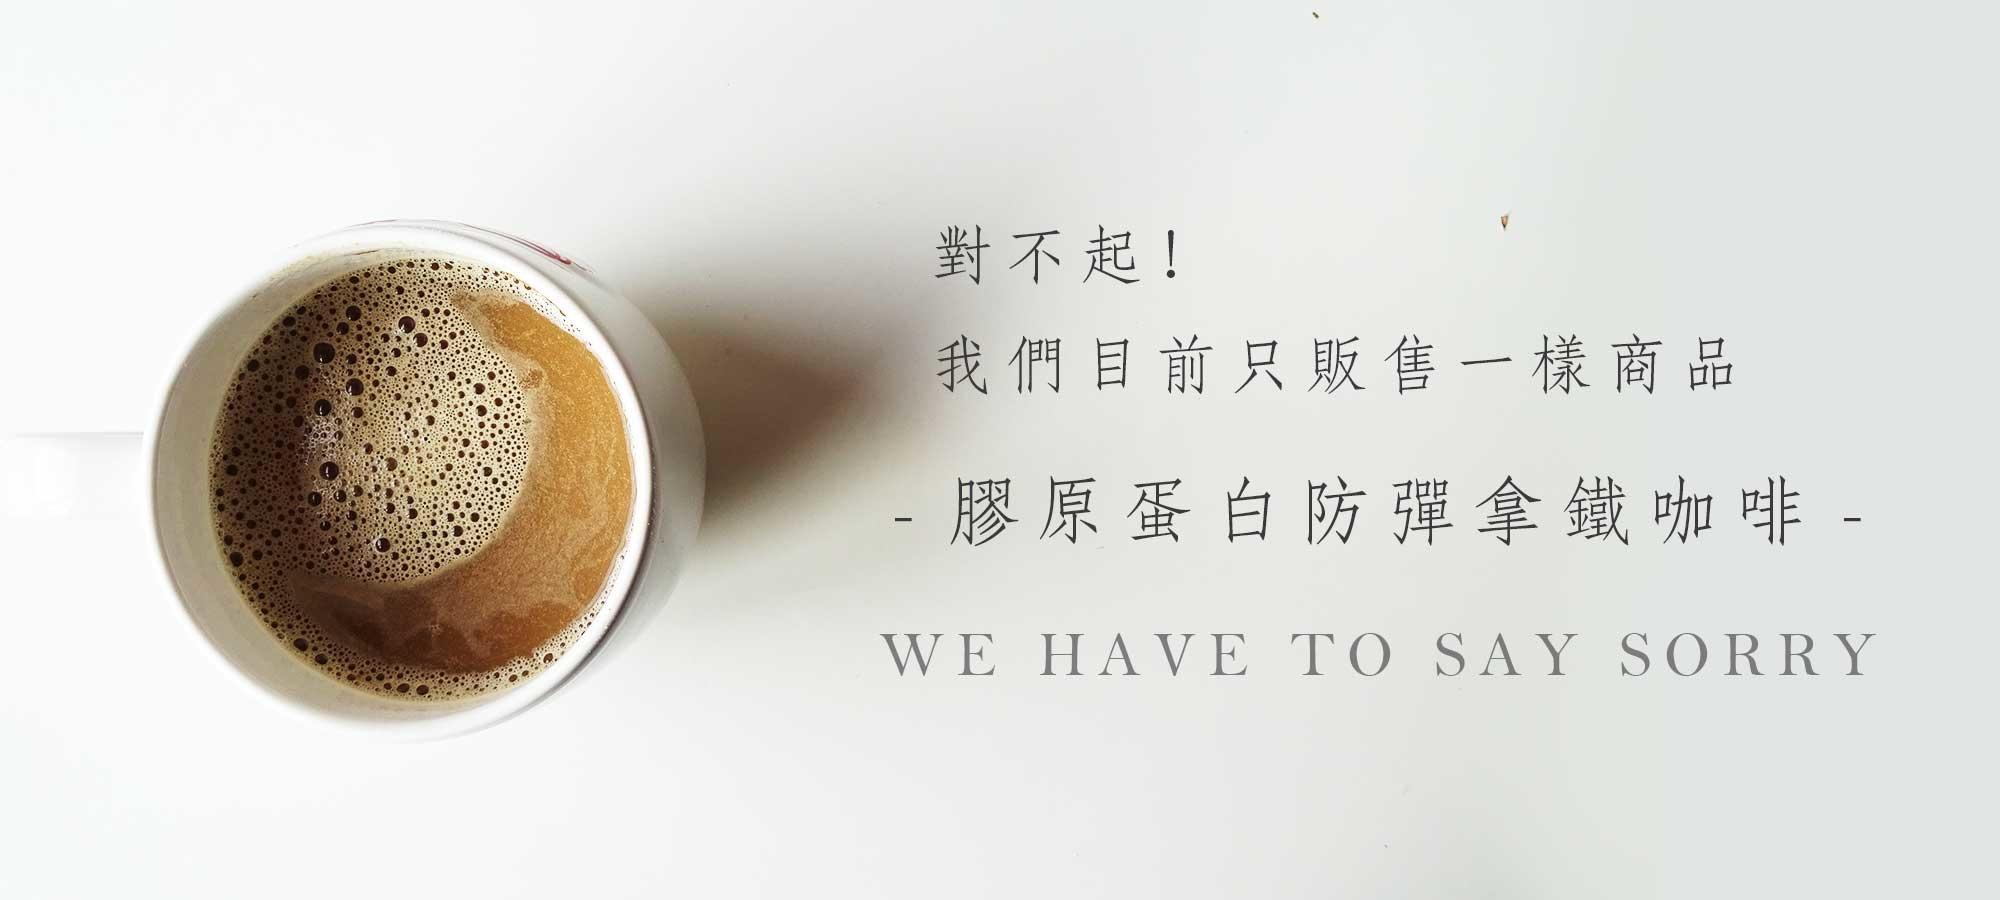 我們只賣一種產品-膠原蛋白防彈拿鐵咖啡